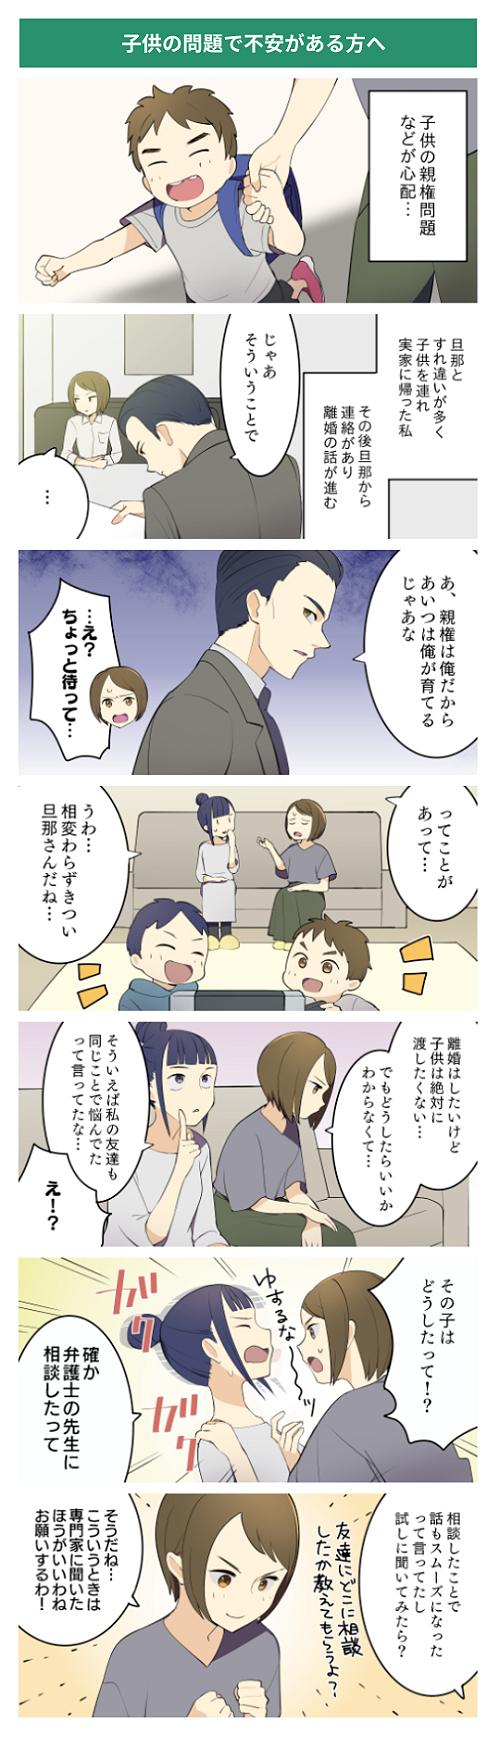 縦読み漫画 『この離婚が、新しい人生のスタートになるために』掲載サンプル3